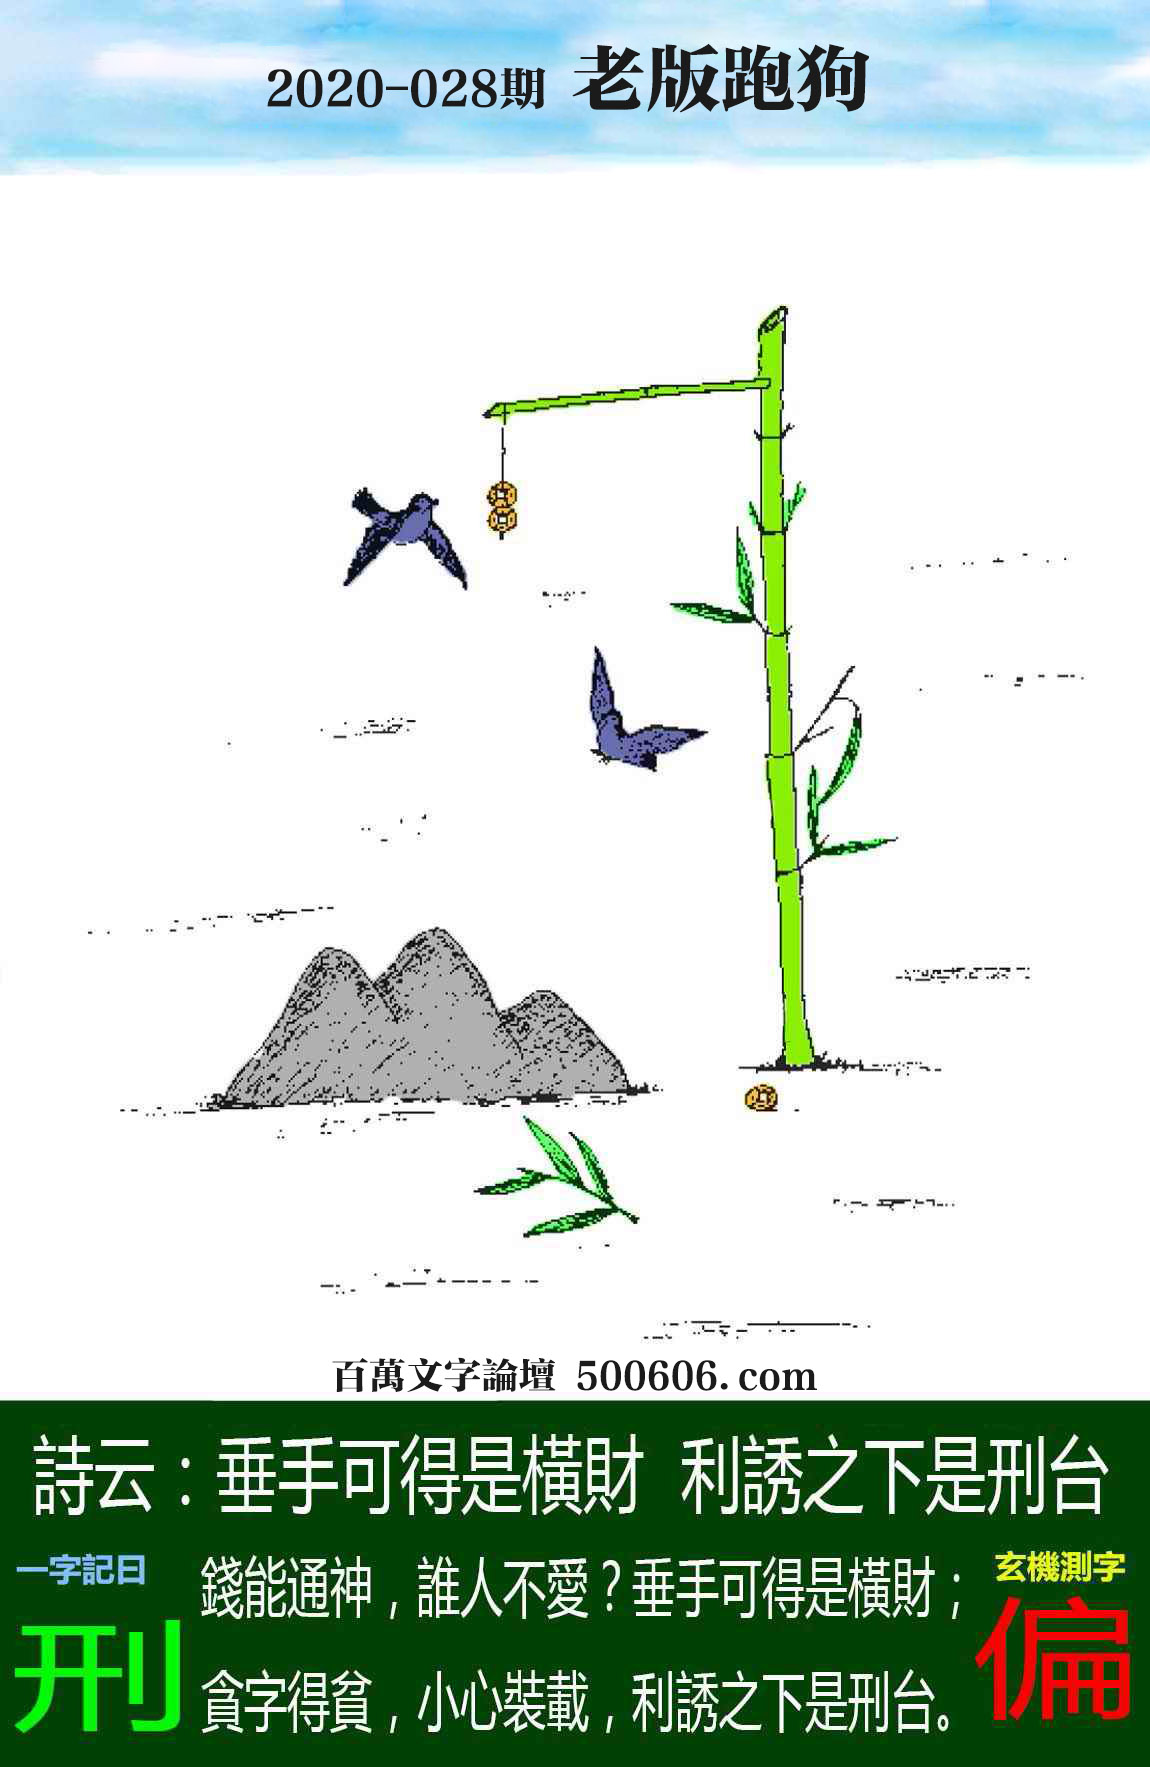 028期老版跑狗一字�之曰:【刑】 ��:垂手可得是�M�,利�T之下是刑台。